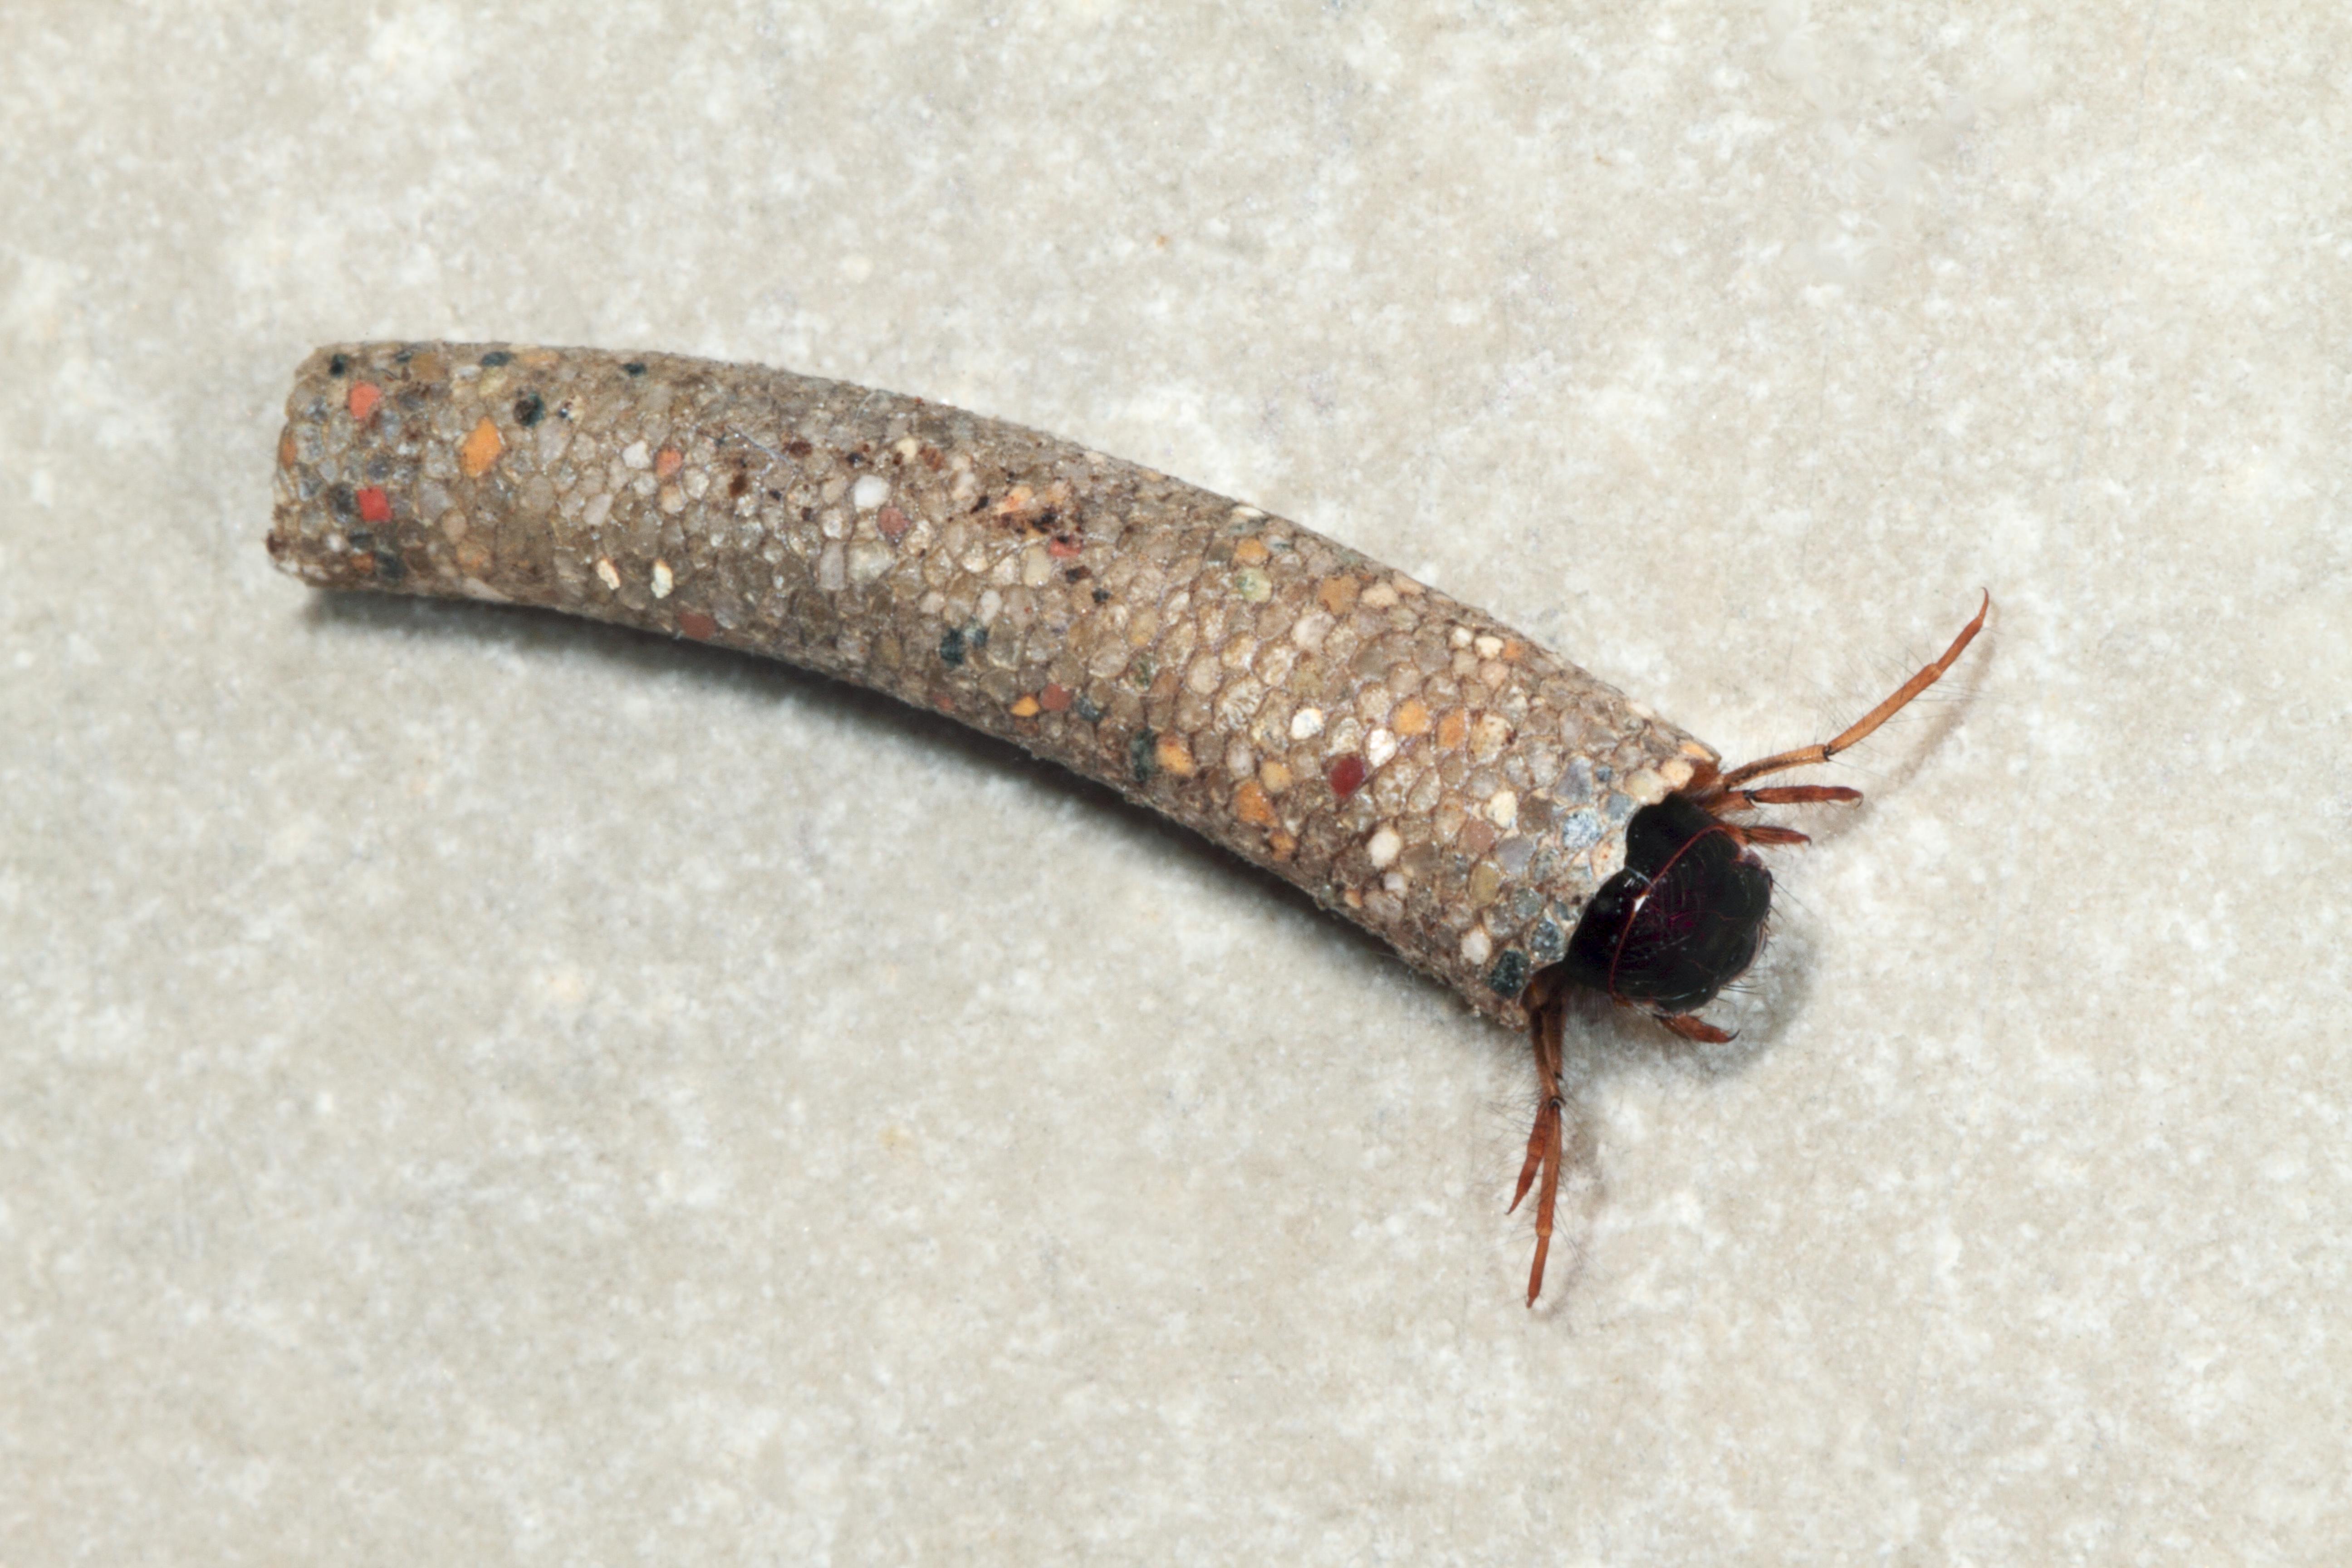 Bild einer Köcherfliegenlarve